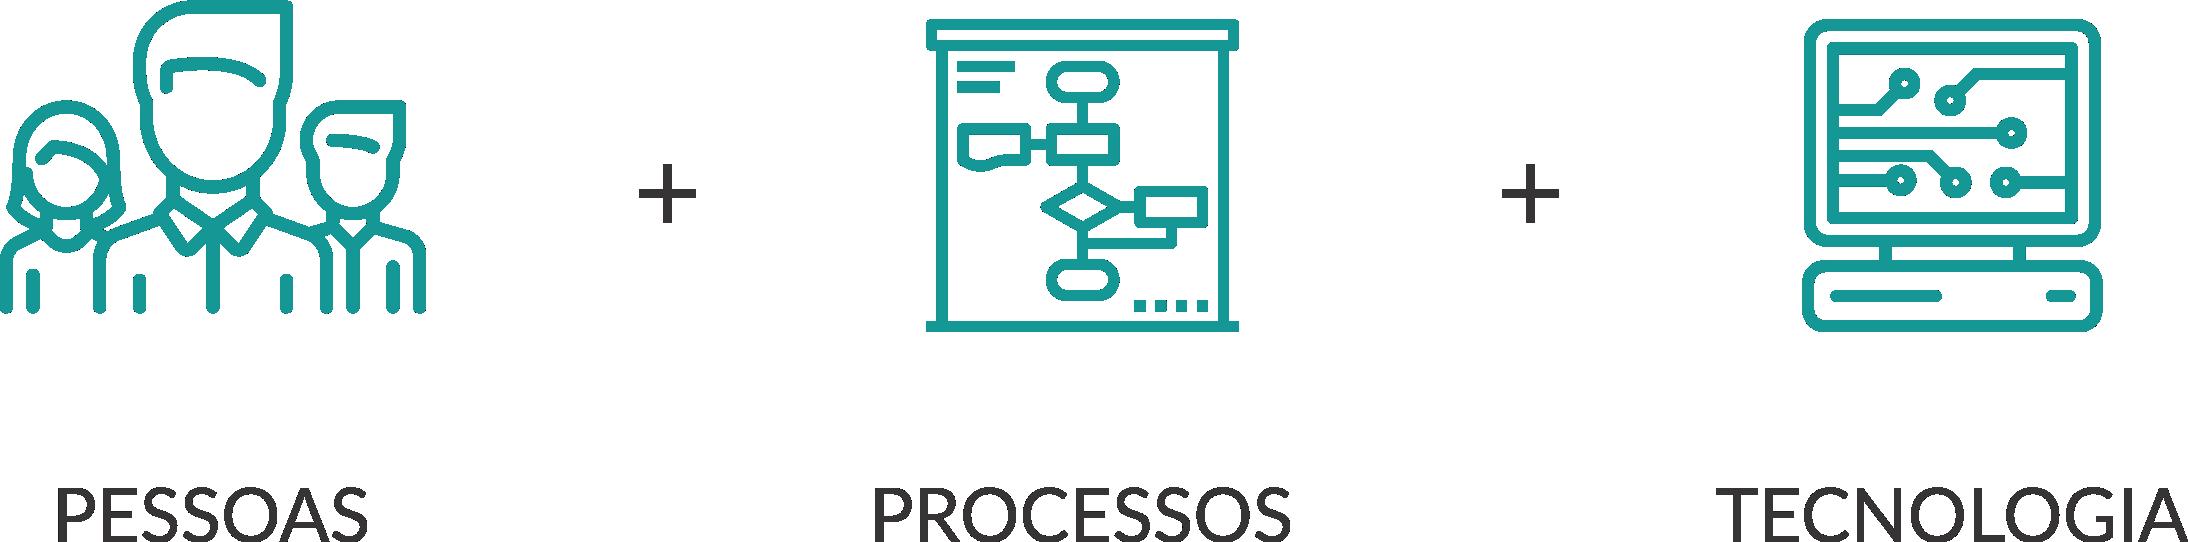 Pessoas + Processos + Tecnologia - CRM Rubeus